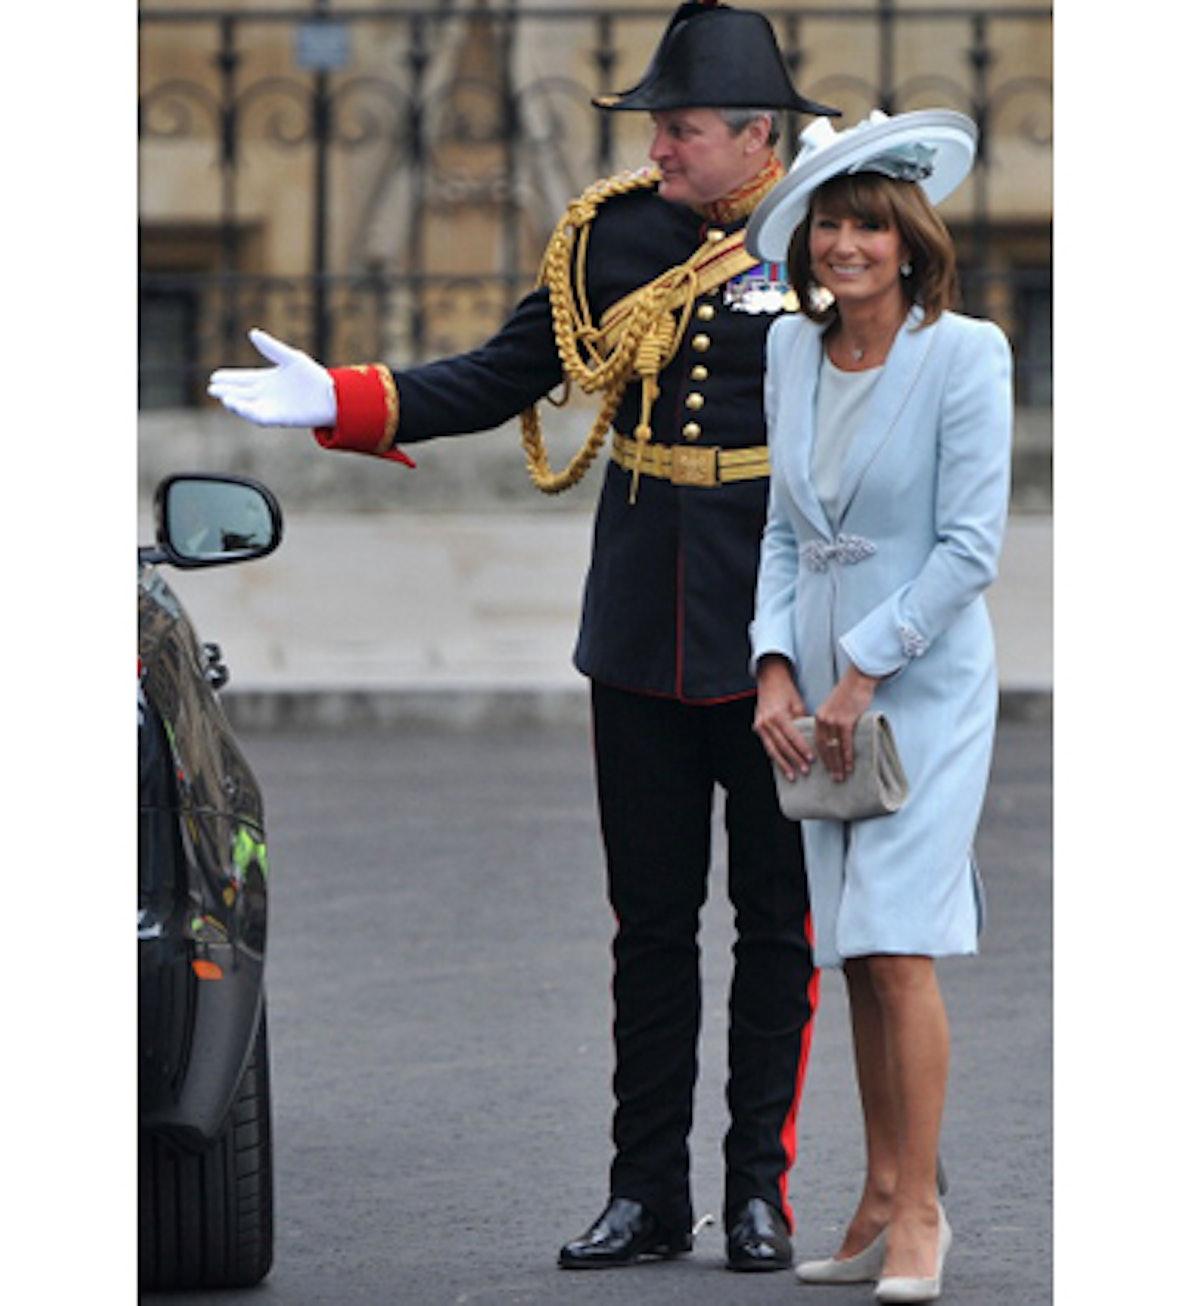 blog-royal-wedding-best-dressed-02.jpg